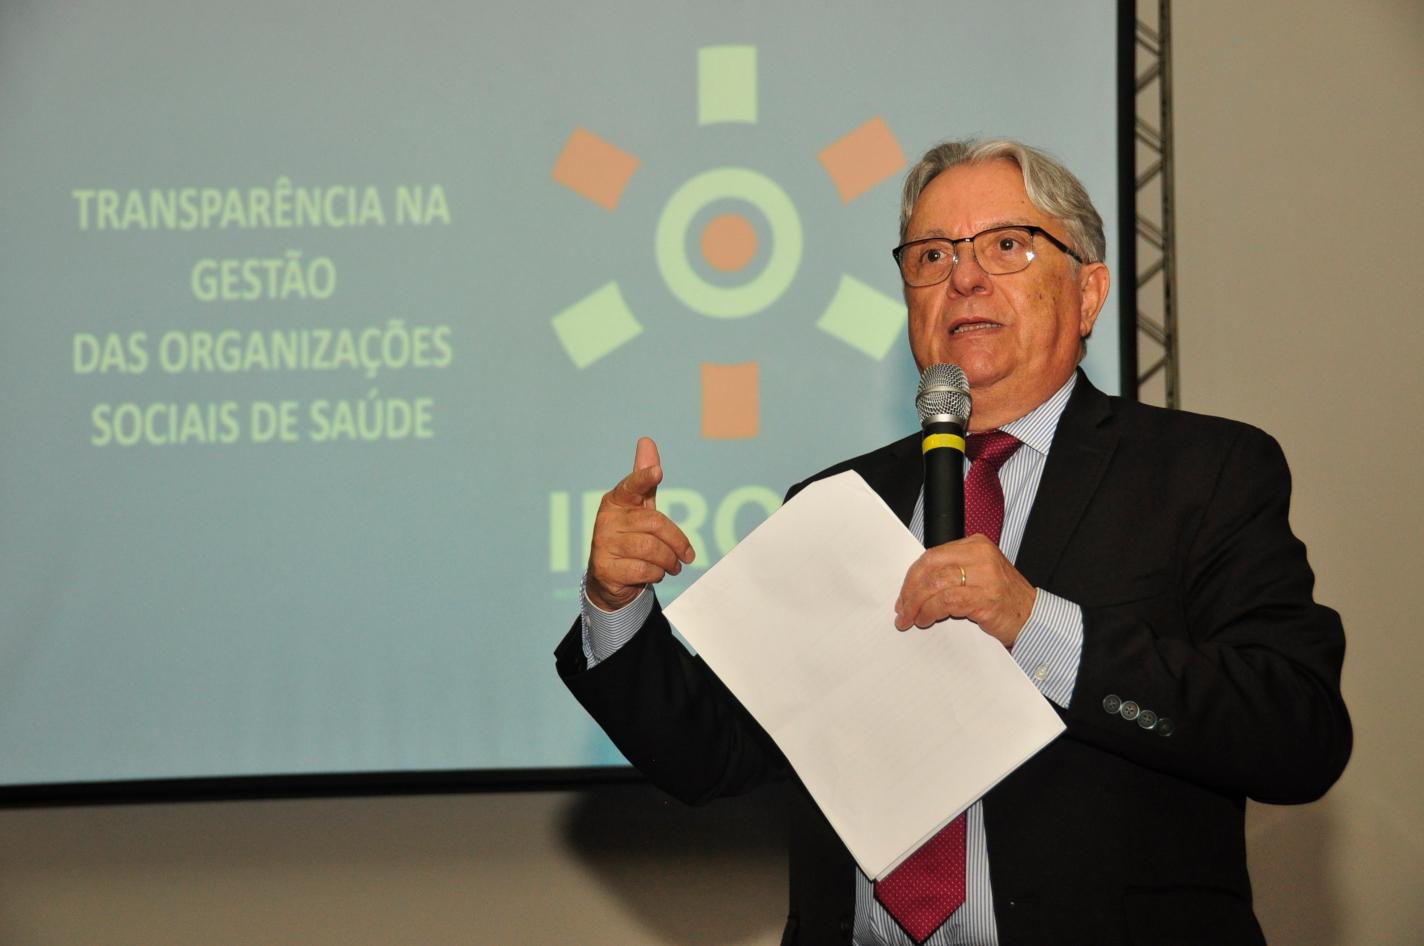 Foto: José Pantoja - Ascom/Sespa